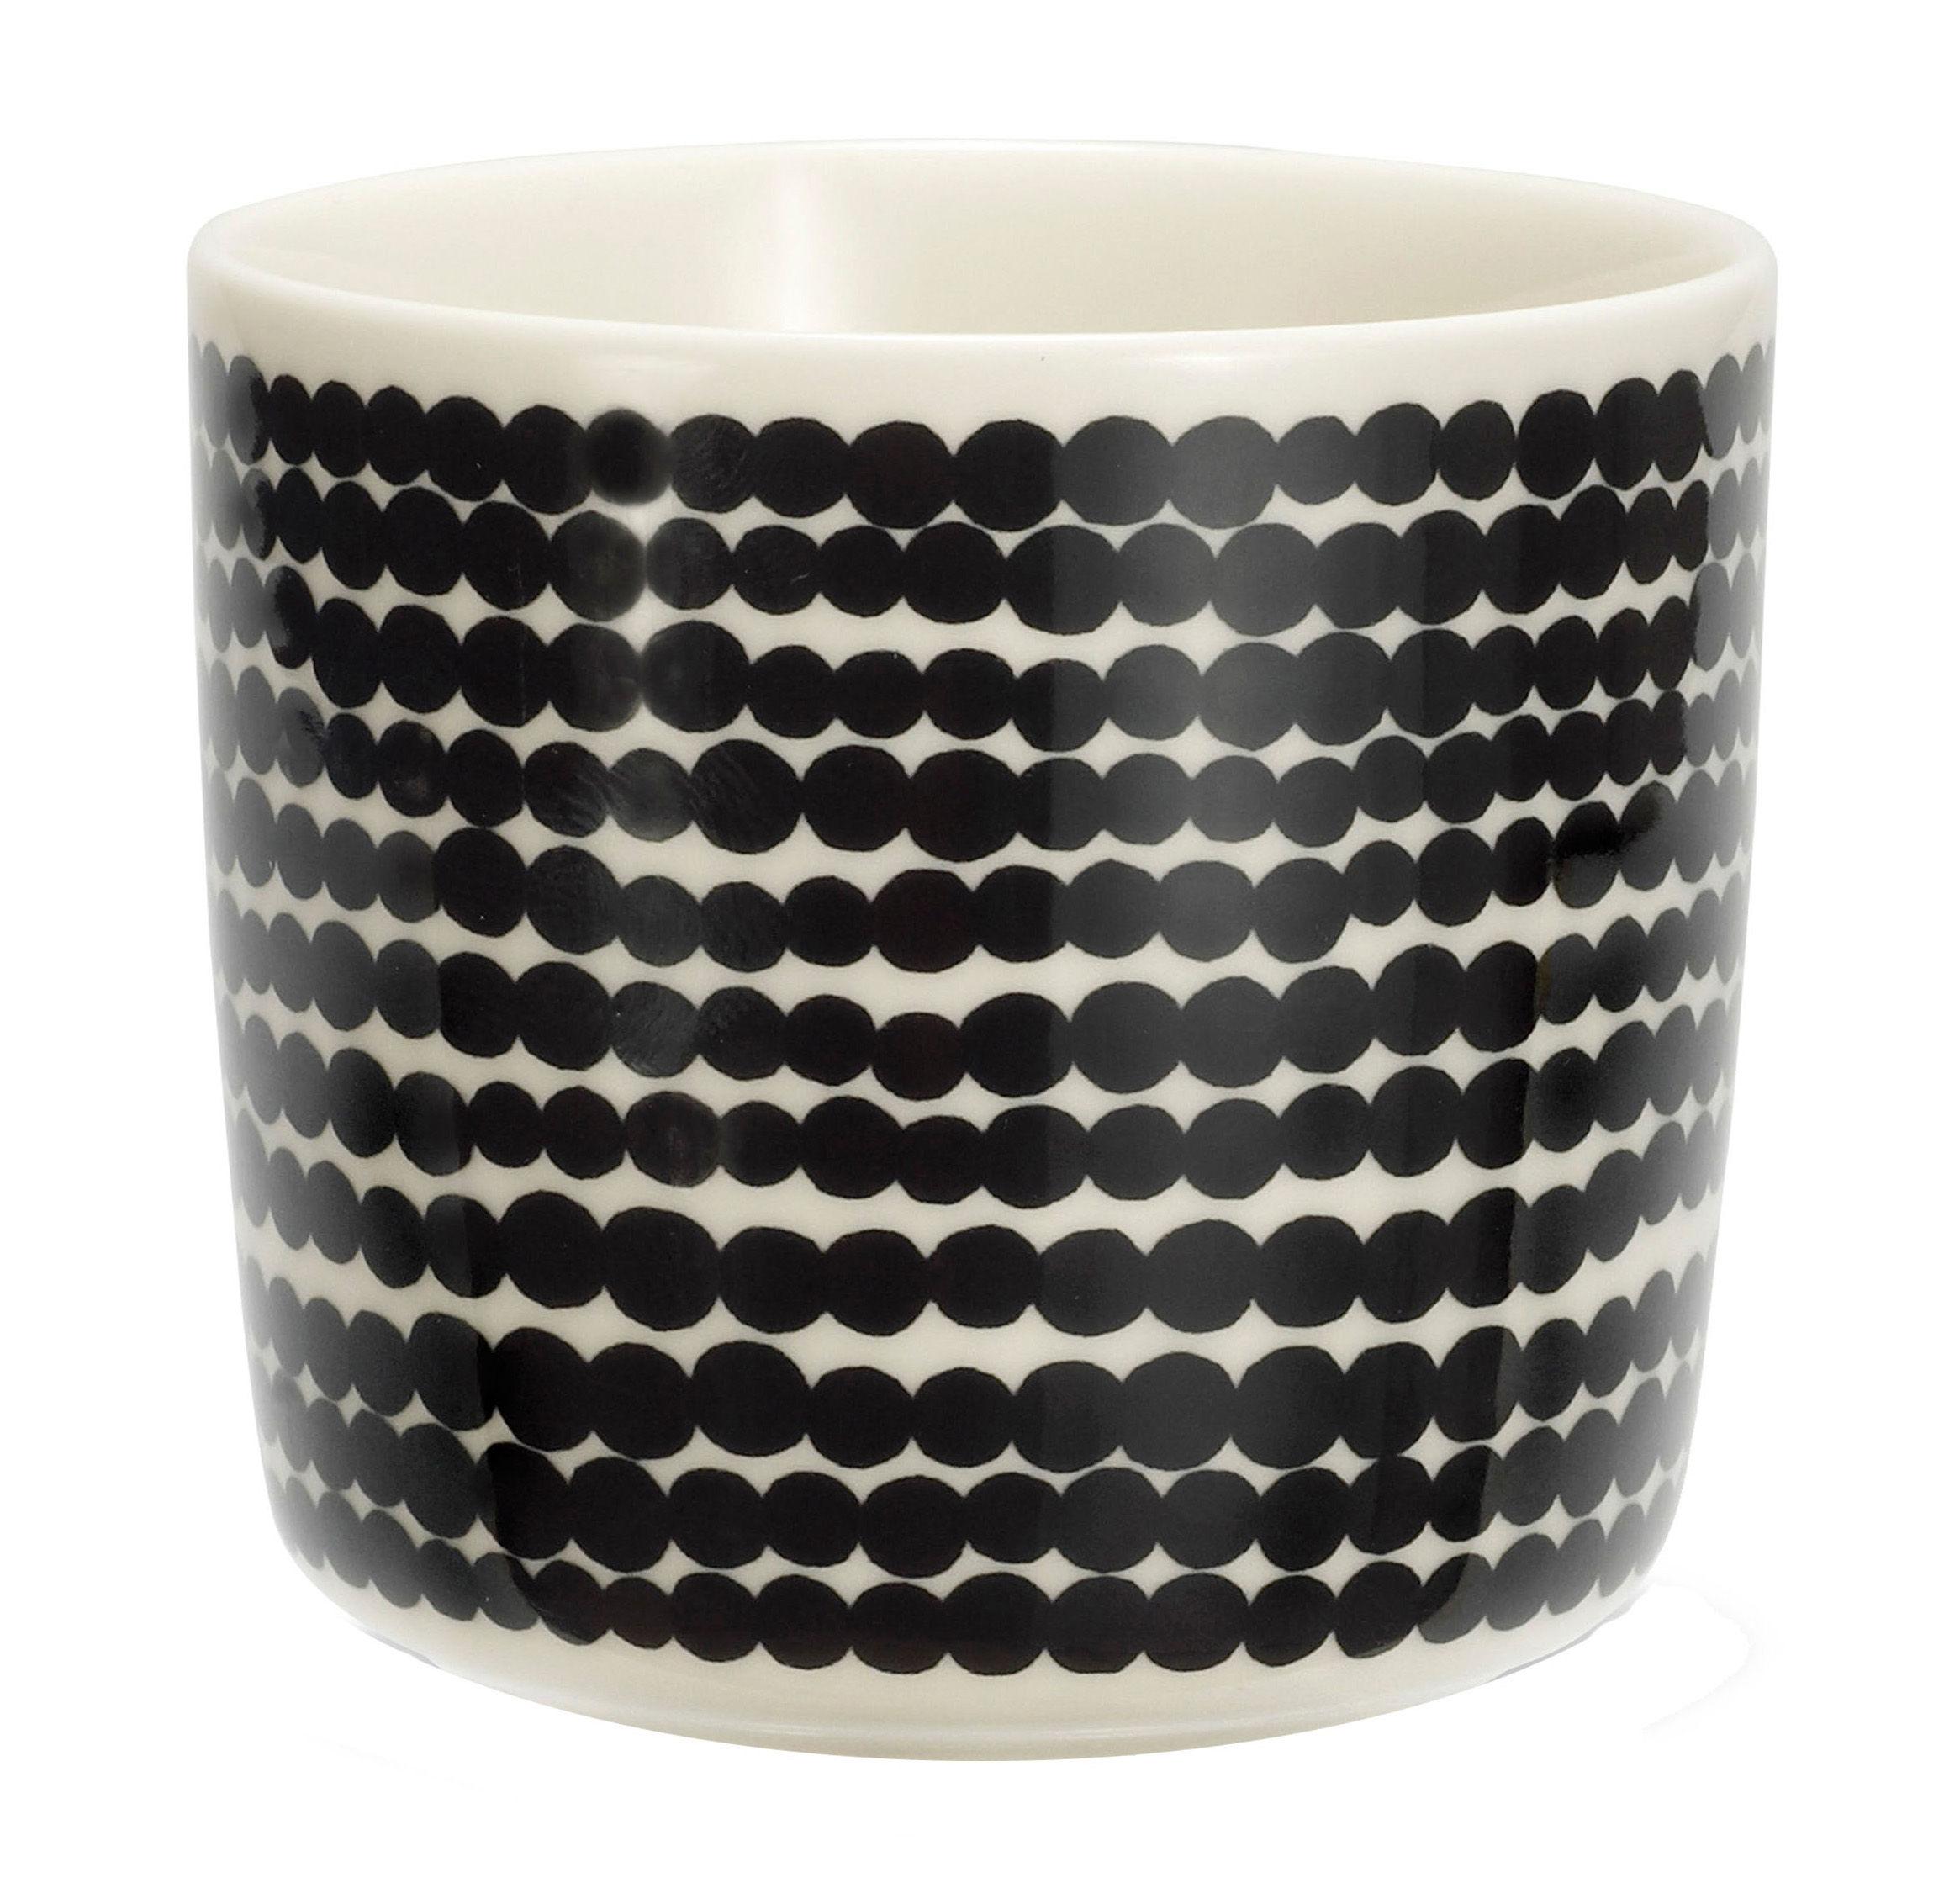 Arts de la table - Tasses et mugs - Tasse à café Siirtolapuutarha / Sans anse - Marimekko - Räsymatto / Noir & blanc - Porcelaine émaillée